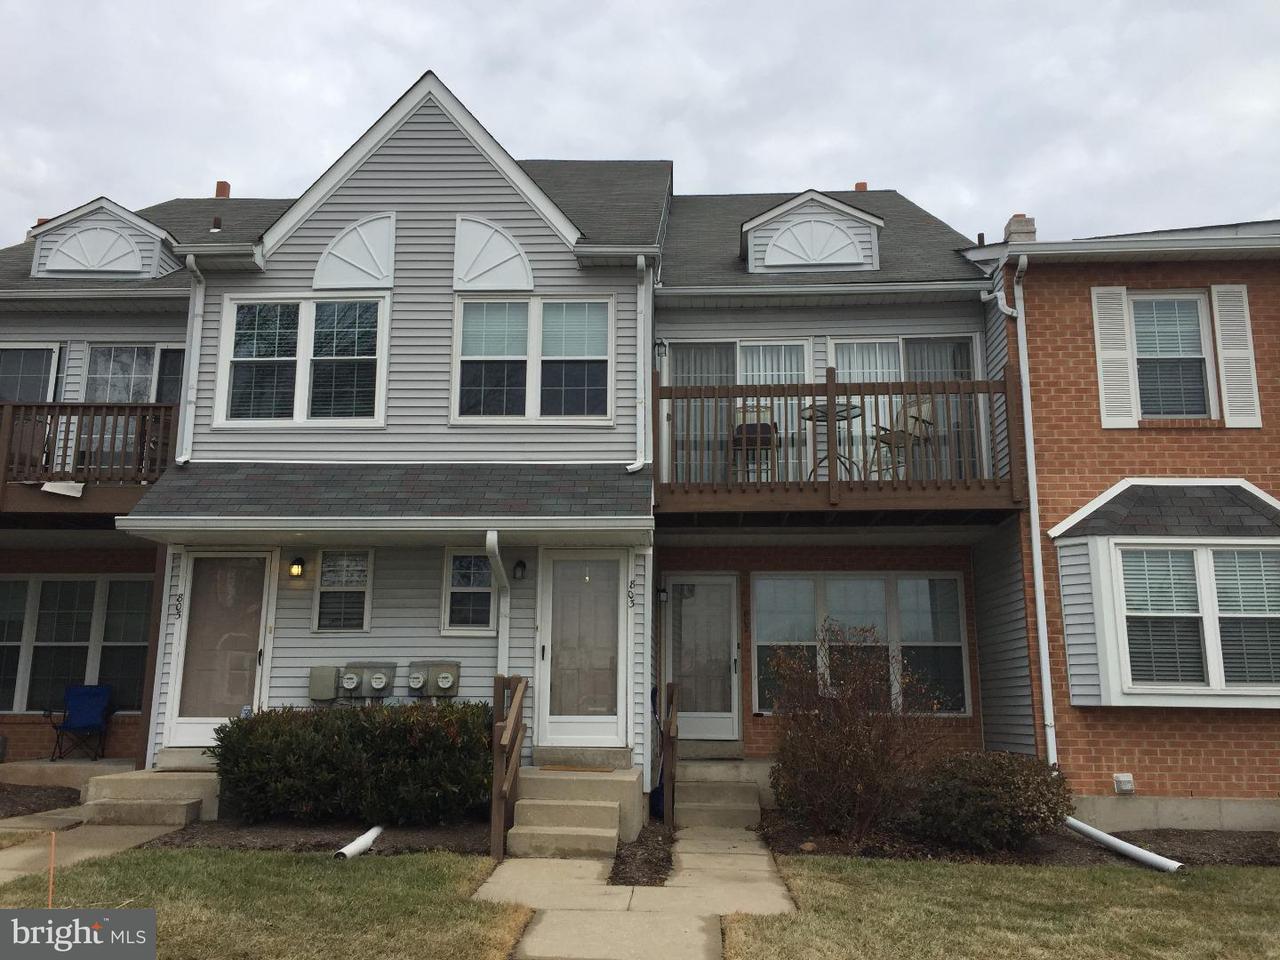 独户住宅 为 出租 在 803 NORTHRIDGE DR #107B Norristown, 宾夕法尼亚州 19403 美国